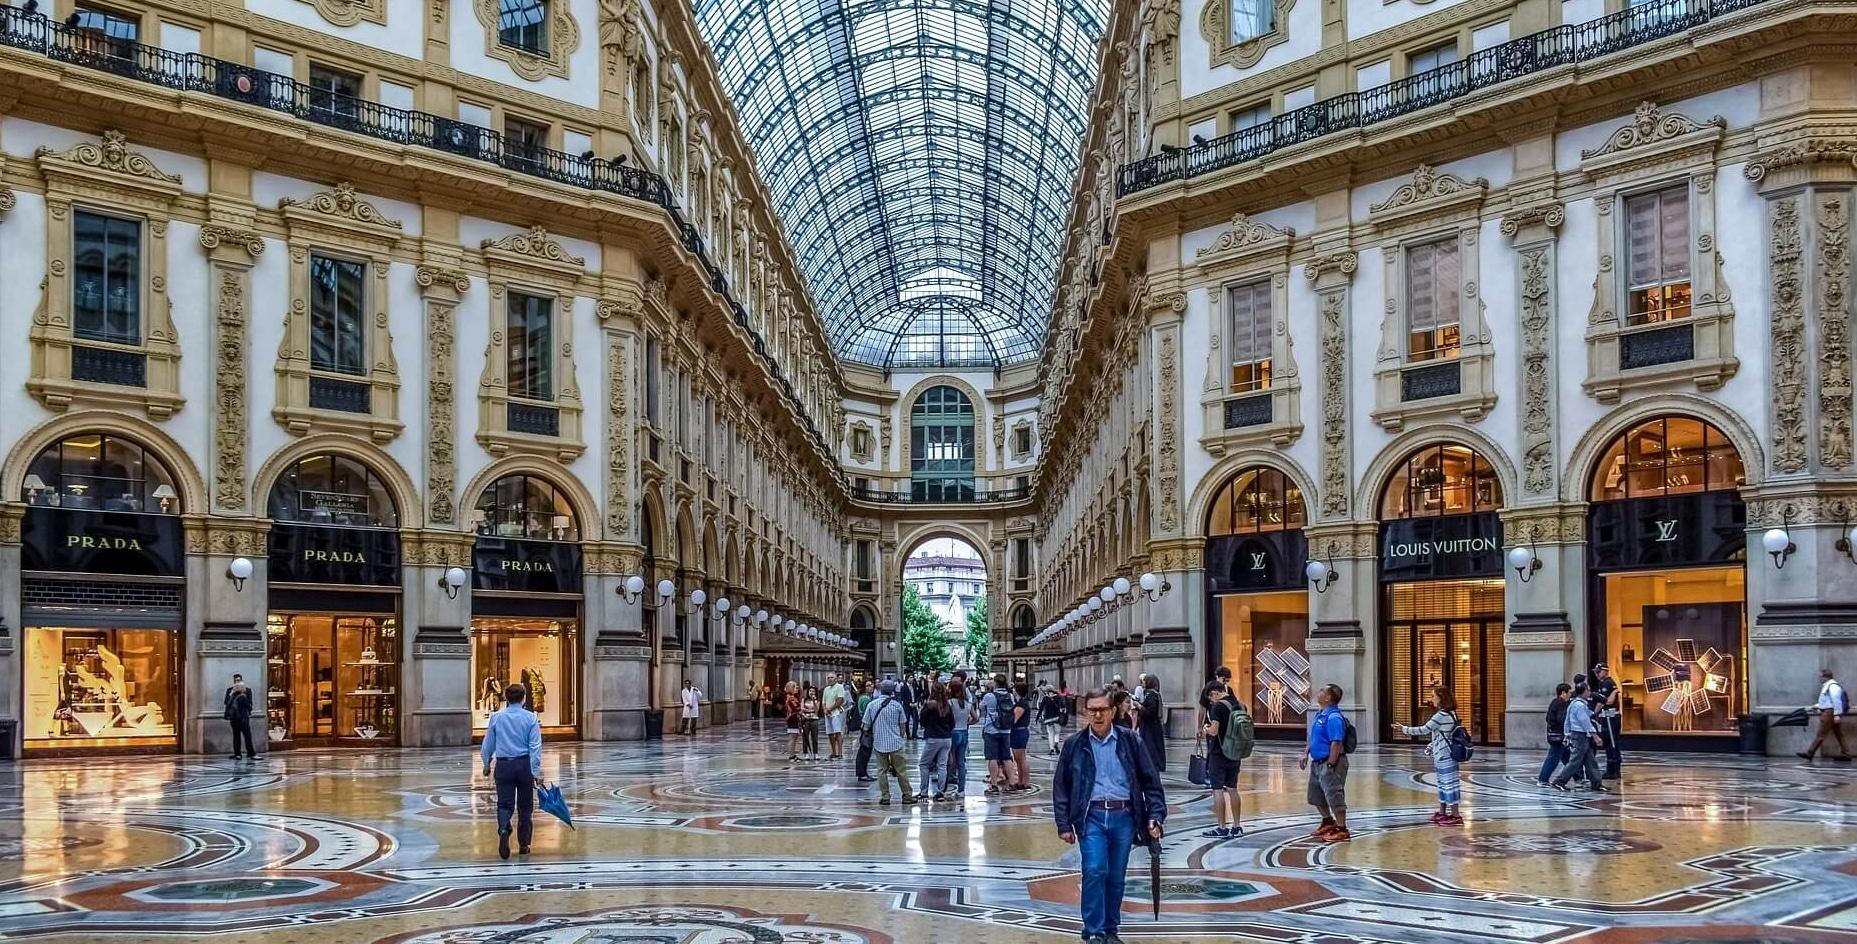 Шоппинг в Милане - это незабываемое путешествие для модников и модниц!